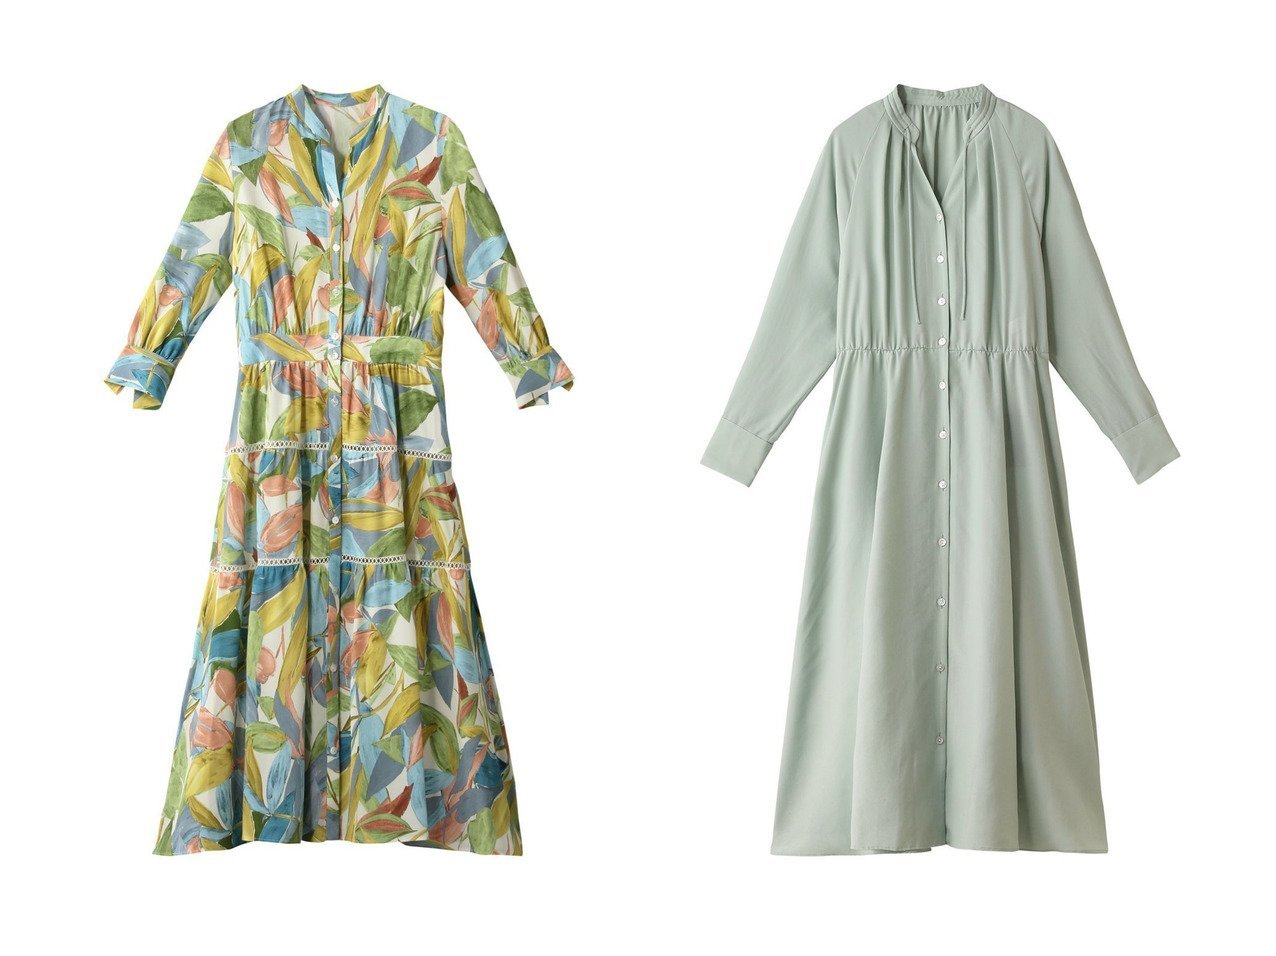 【ANAYI/アナイ】のソフトタイプライタースタンドワンピース&ペイズリーフPTフレアシャツワンピース ワンピース・ドレスのおすすめ!人気、トレンド・レディースファッションの通販 おすすめで人気の流行・トレンド、ファッションの通販商品 メンズファッション・キッズファッション・インテリア・家具・レディースファッション・服の通販 founy(ファニー) https://founy.com/ ファッション Fashion レディースファッション WOMEN ワンピース Dress シャツワンピース Shirt Dresses パーティ プリント リーフ 再入荷 Restock/Back in Stock/Re Arrival |ID:crp329100000013071